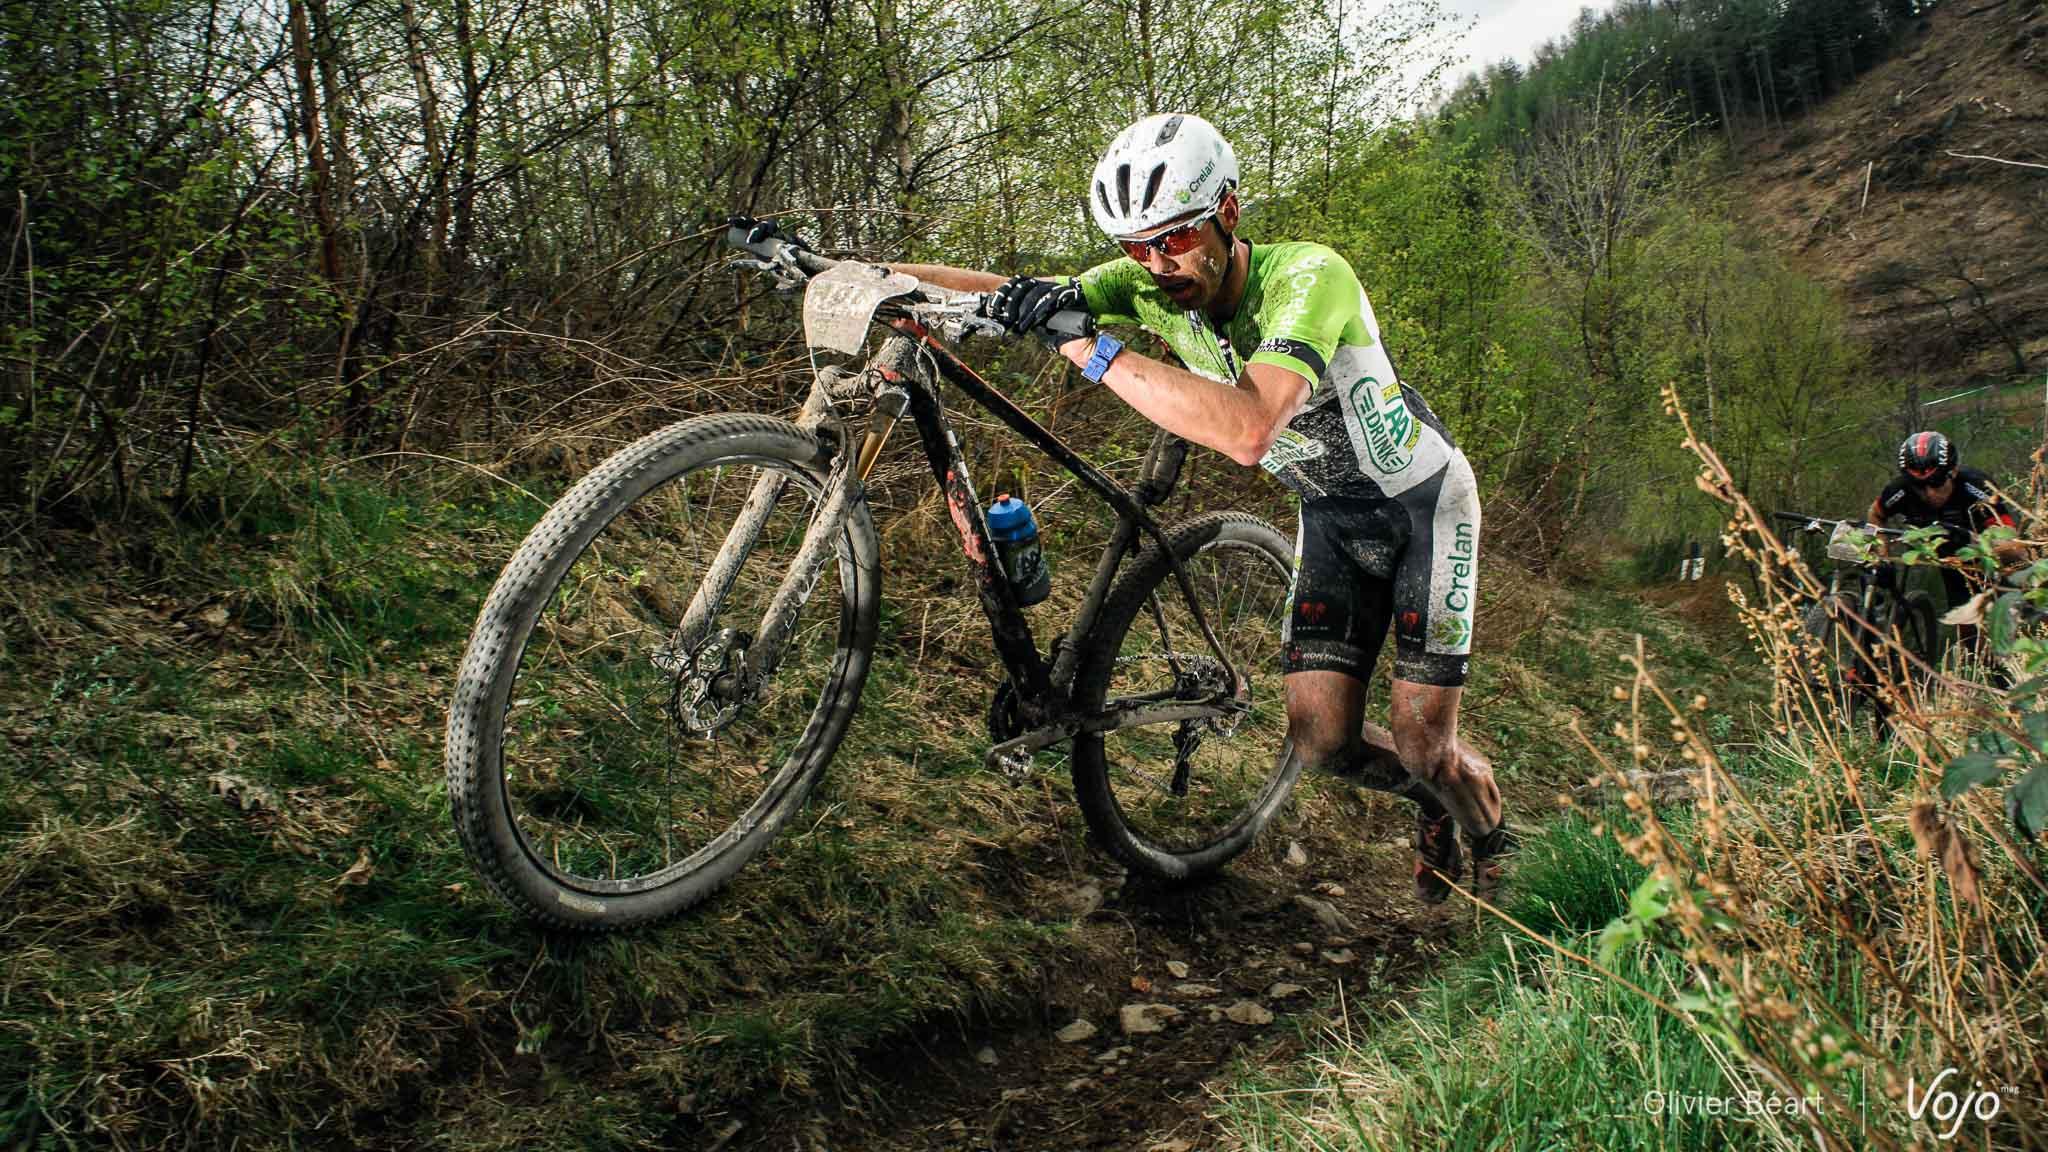 Roc_Ardenne_Marathon_Copyright_OBeart_VojoMag-3